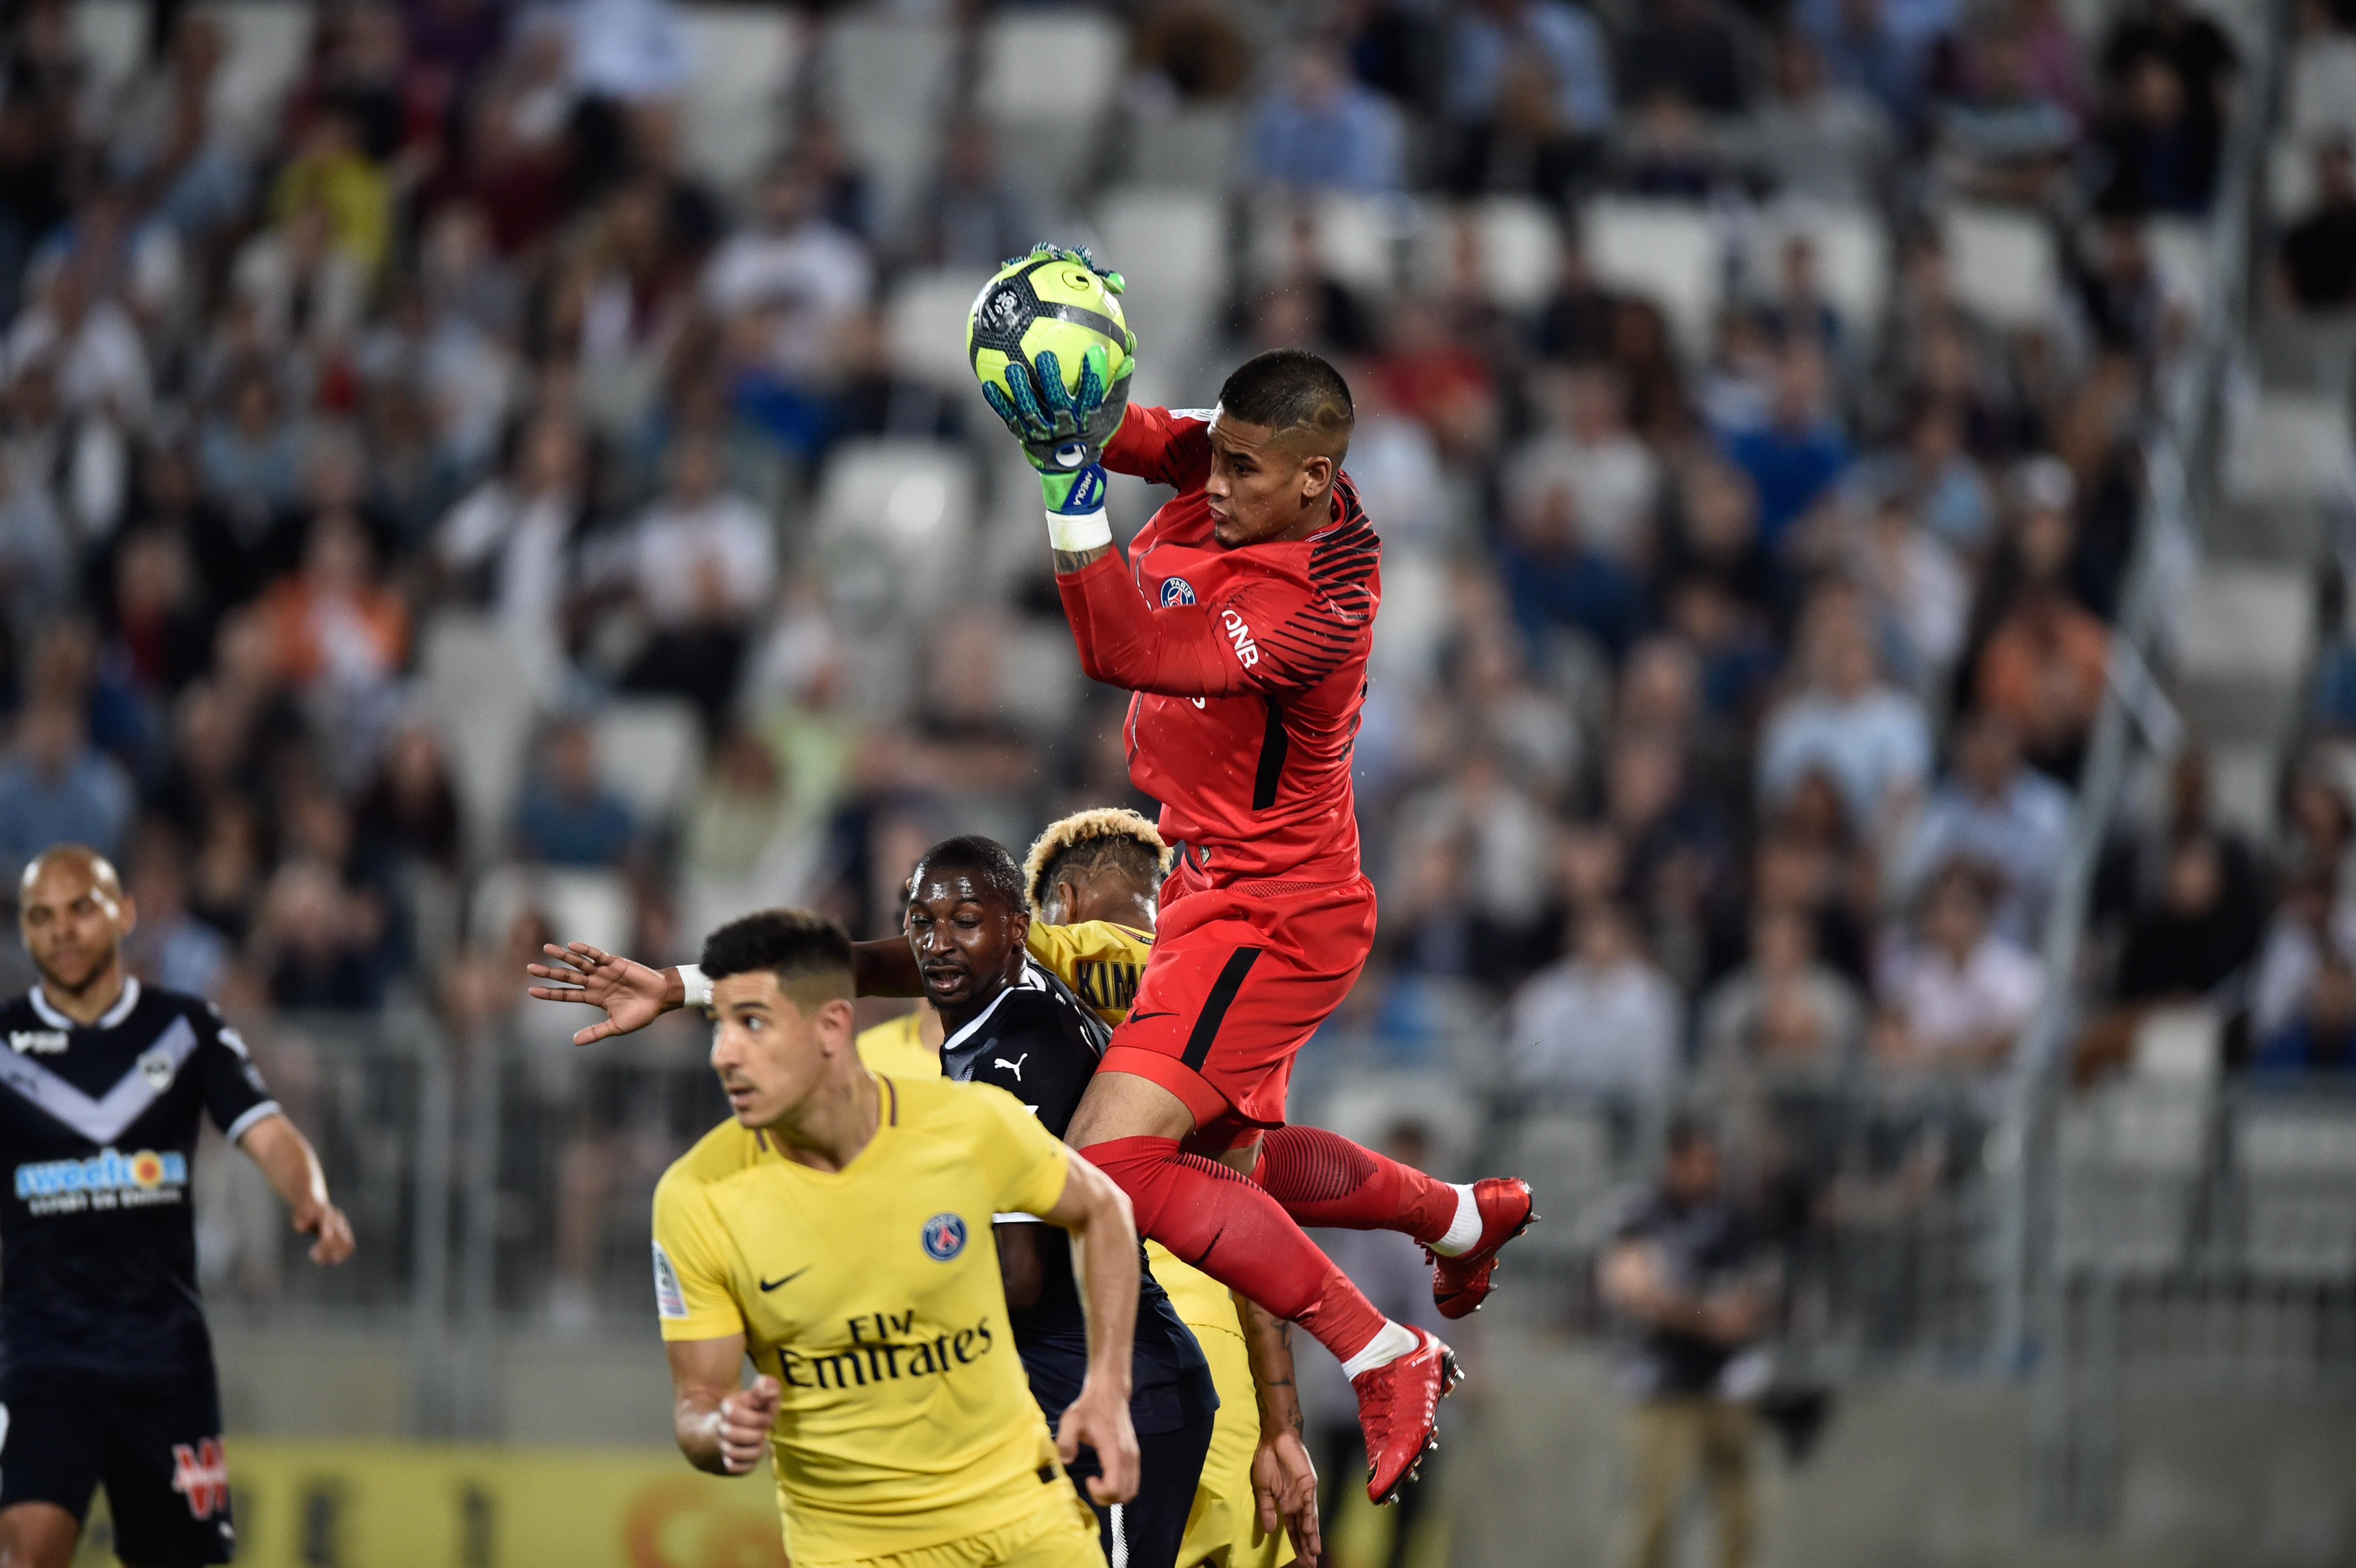 Football - Ligue 1 - Lyon, Monaco, Areola : les chiffres marquants du week-end de L1